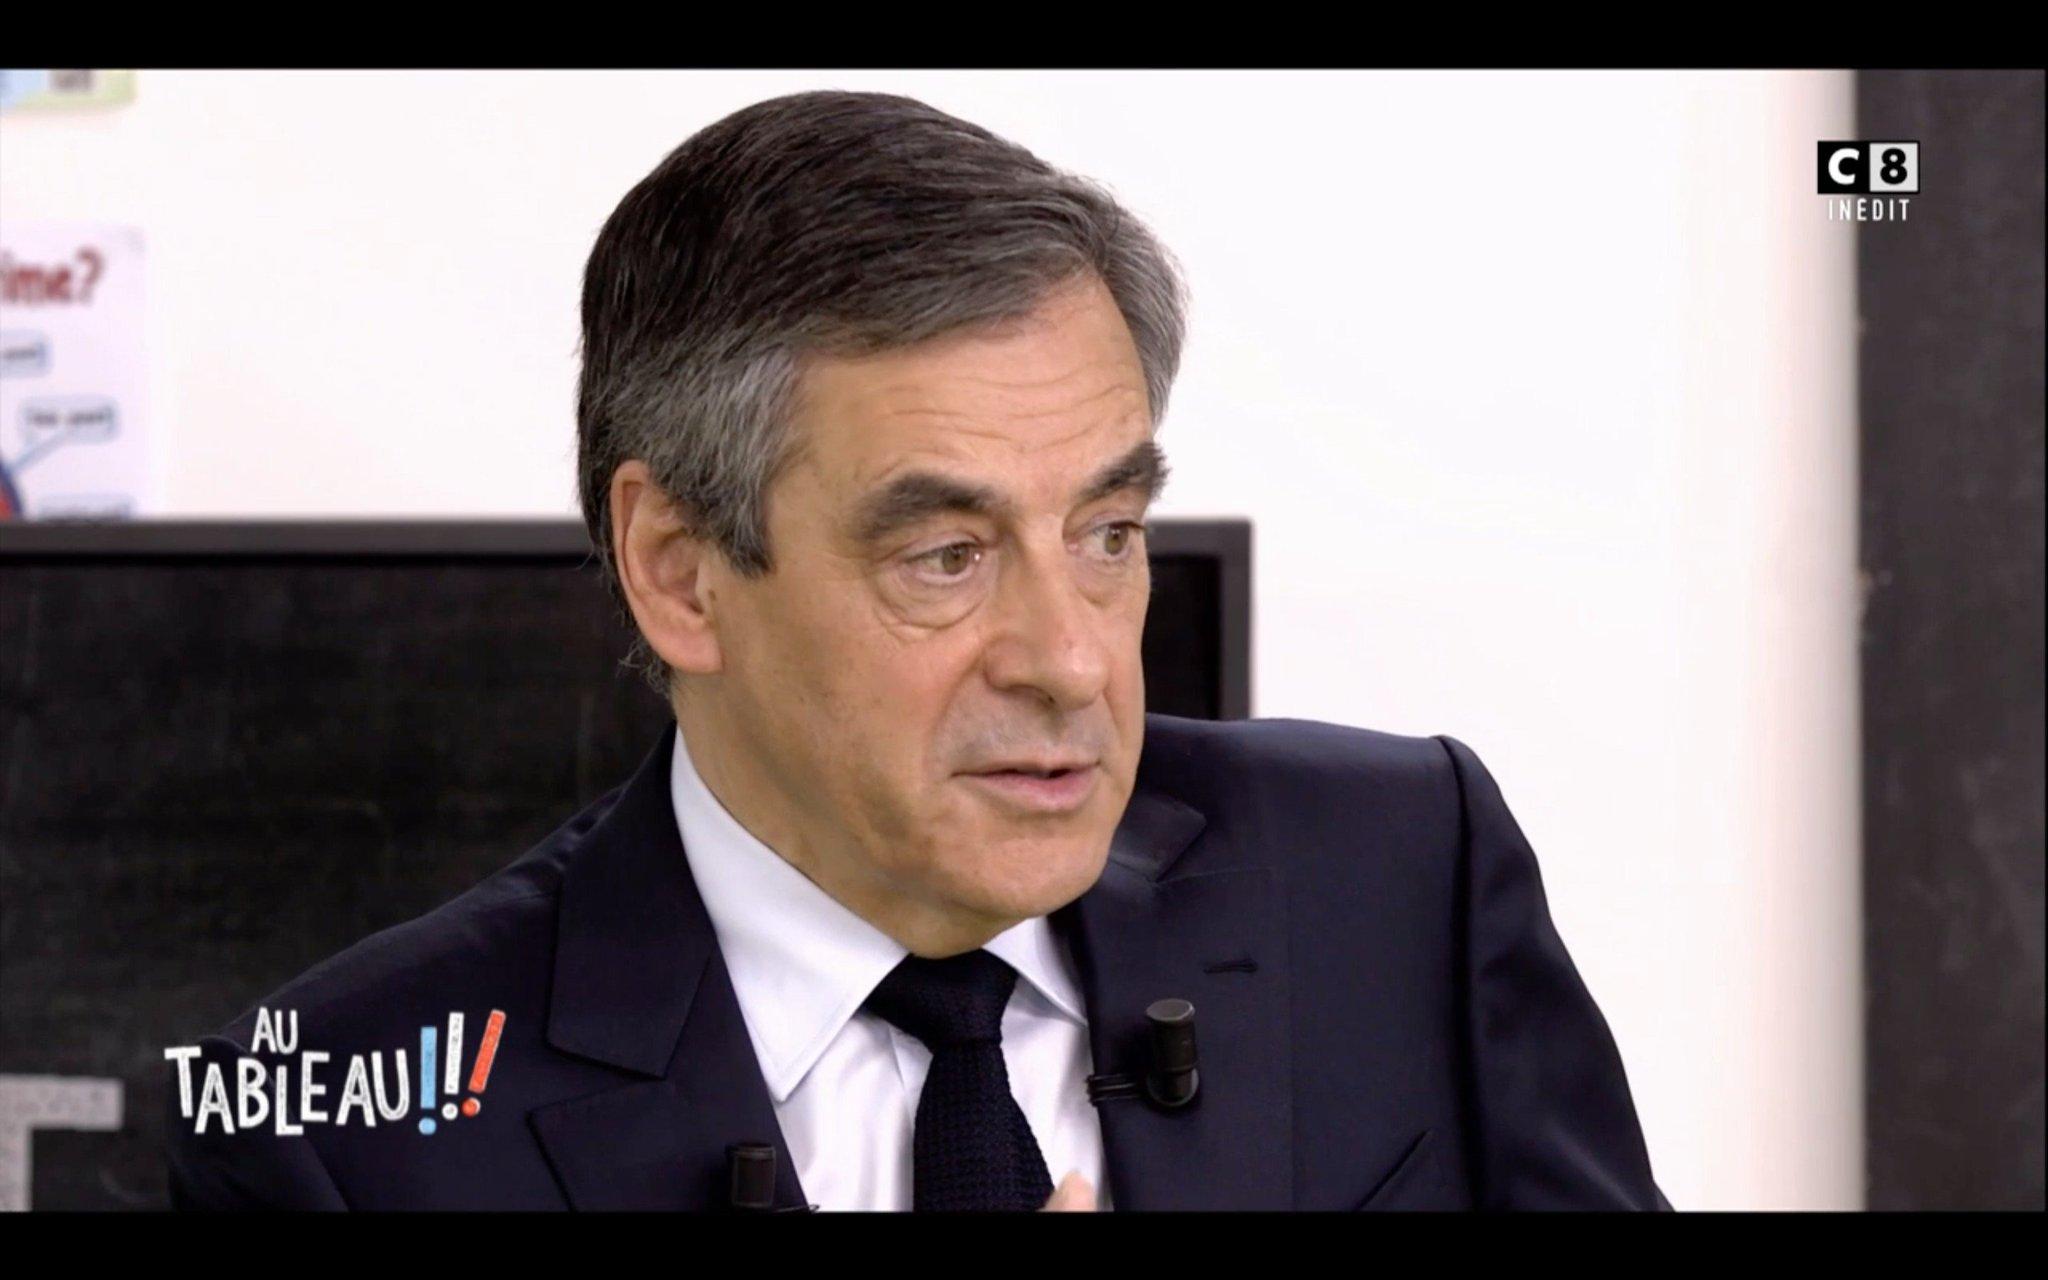 .@FrancoisFillon : 'Le plus important, mon objectif, c'est que tous les français aient un travail.' #AuTableau https://t.co/CLjZ2Sf3Fo